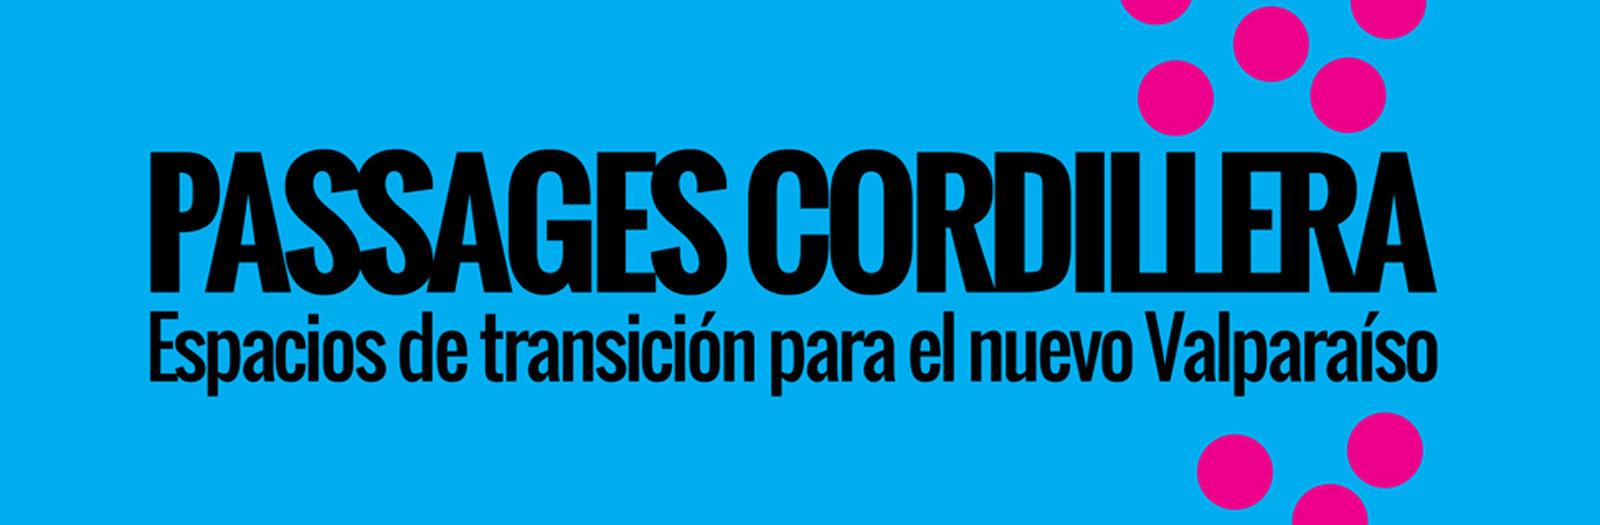 passages_cordillera-1600x525